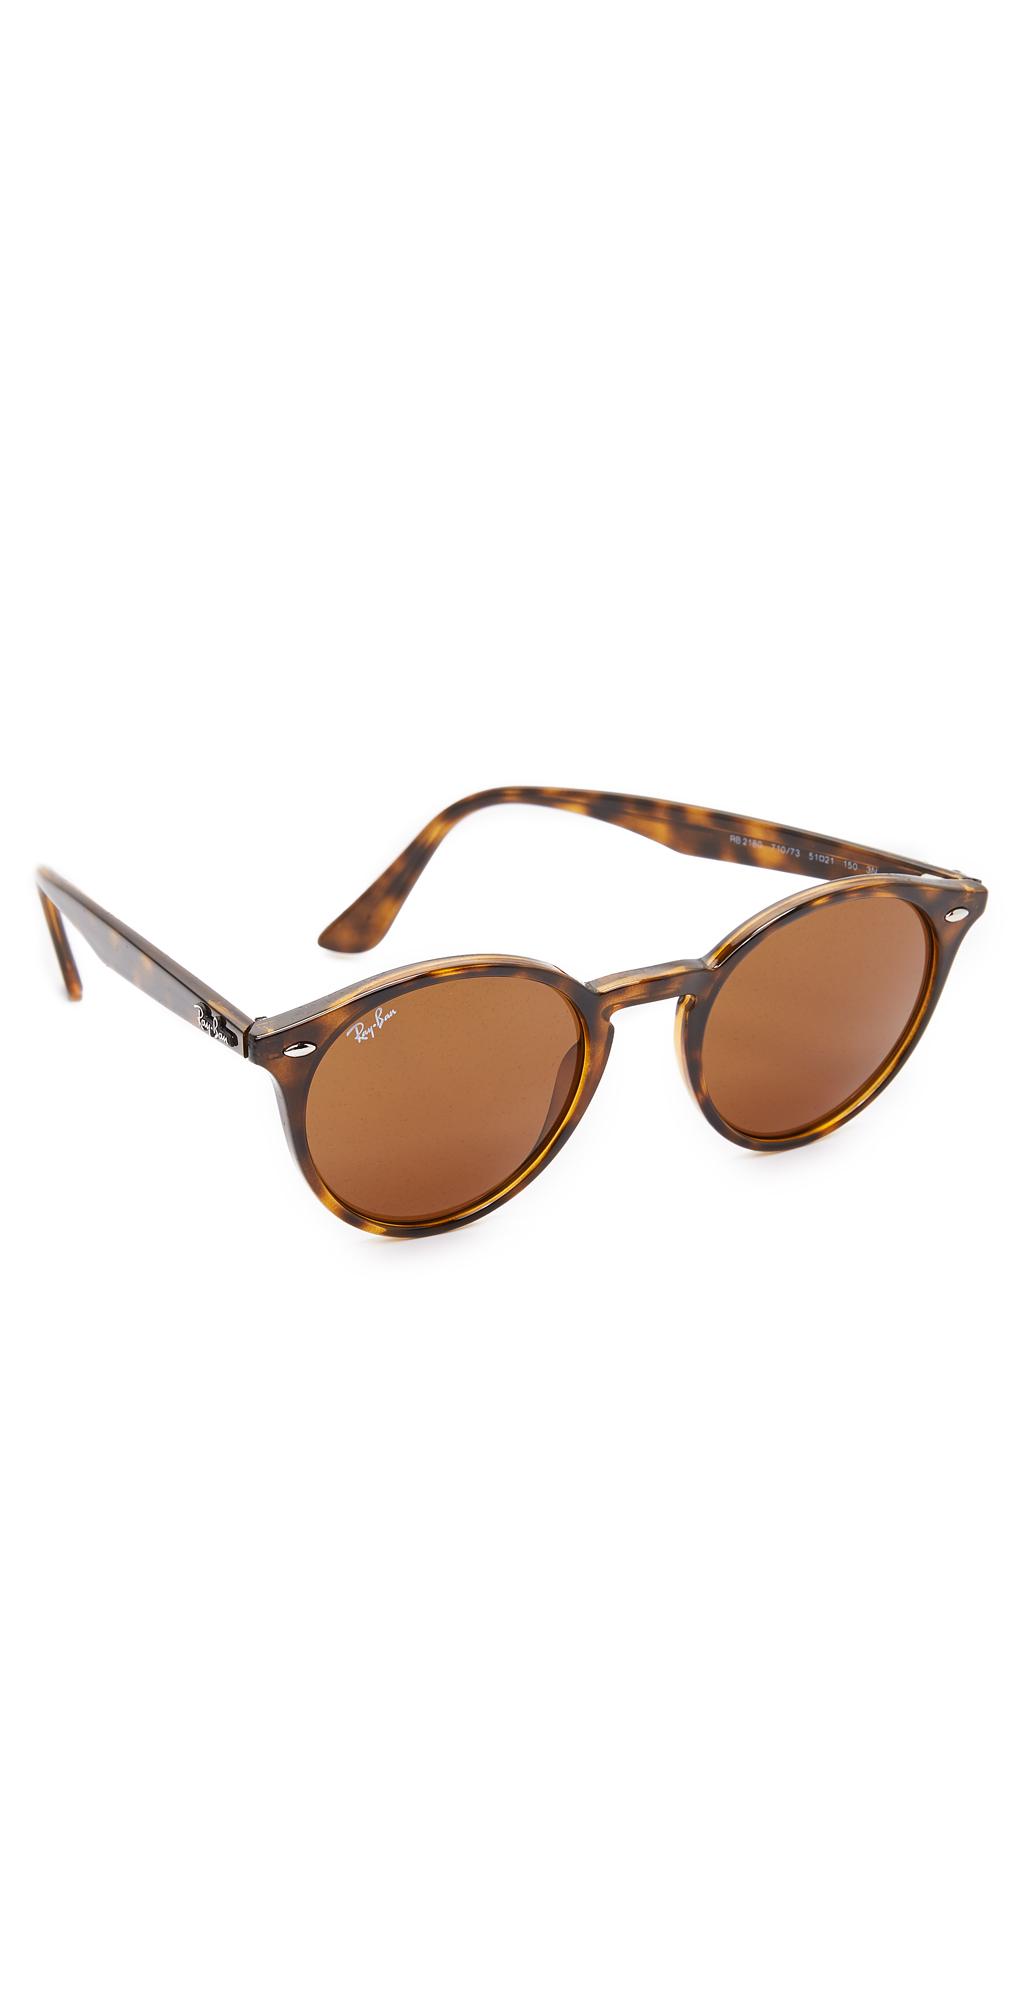 Round Sunglasses Ray-Ban